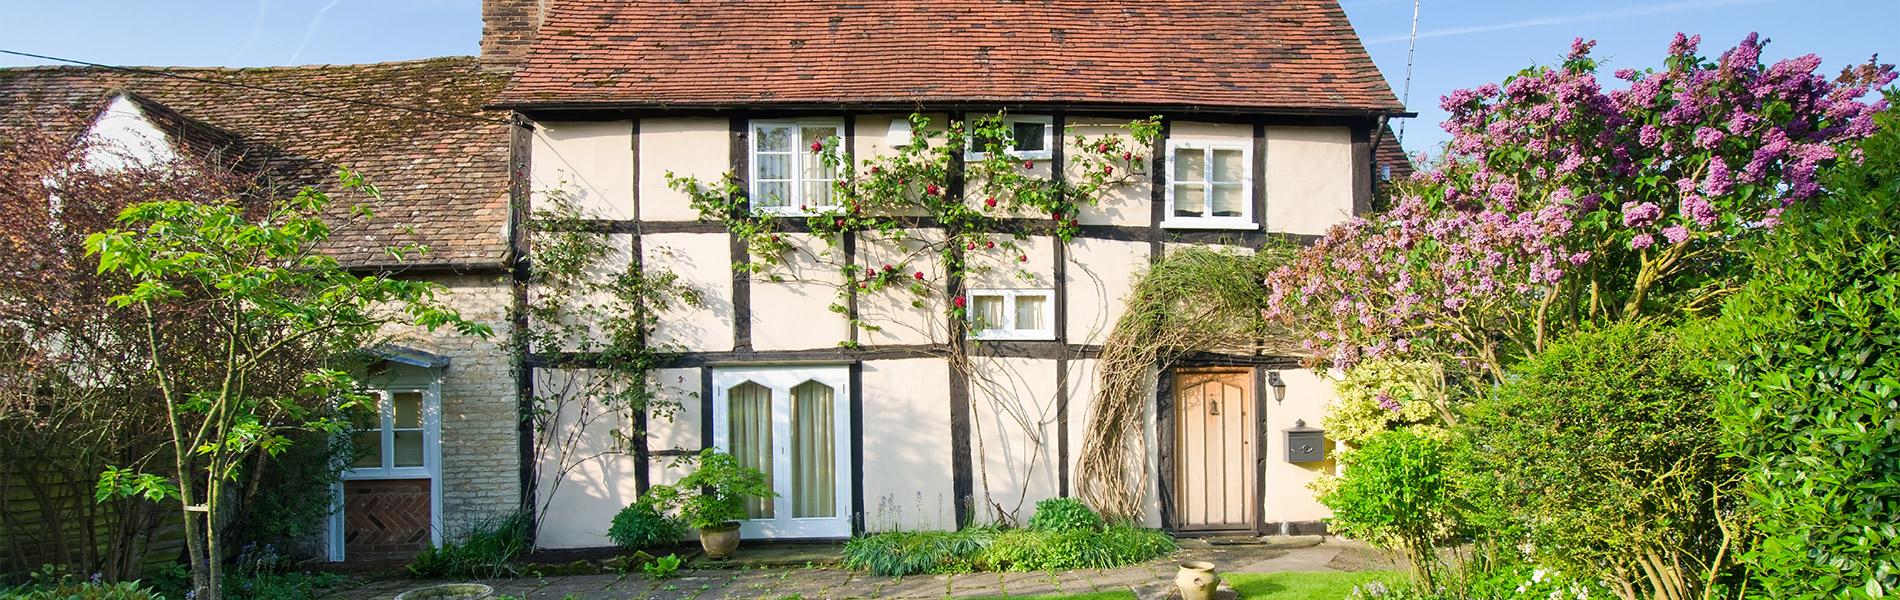 tudor-lime-plastered-home-UK